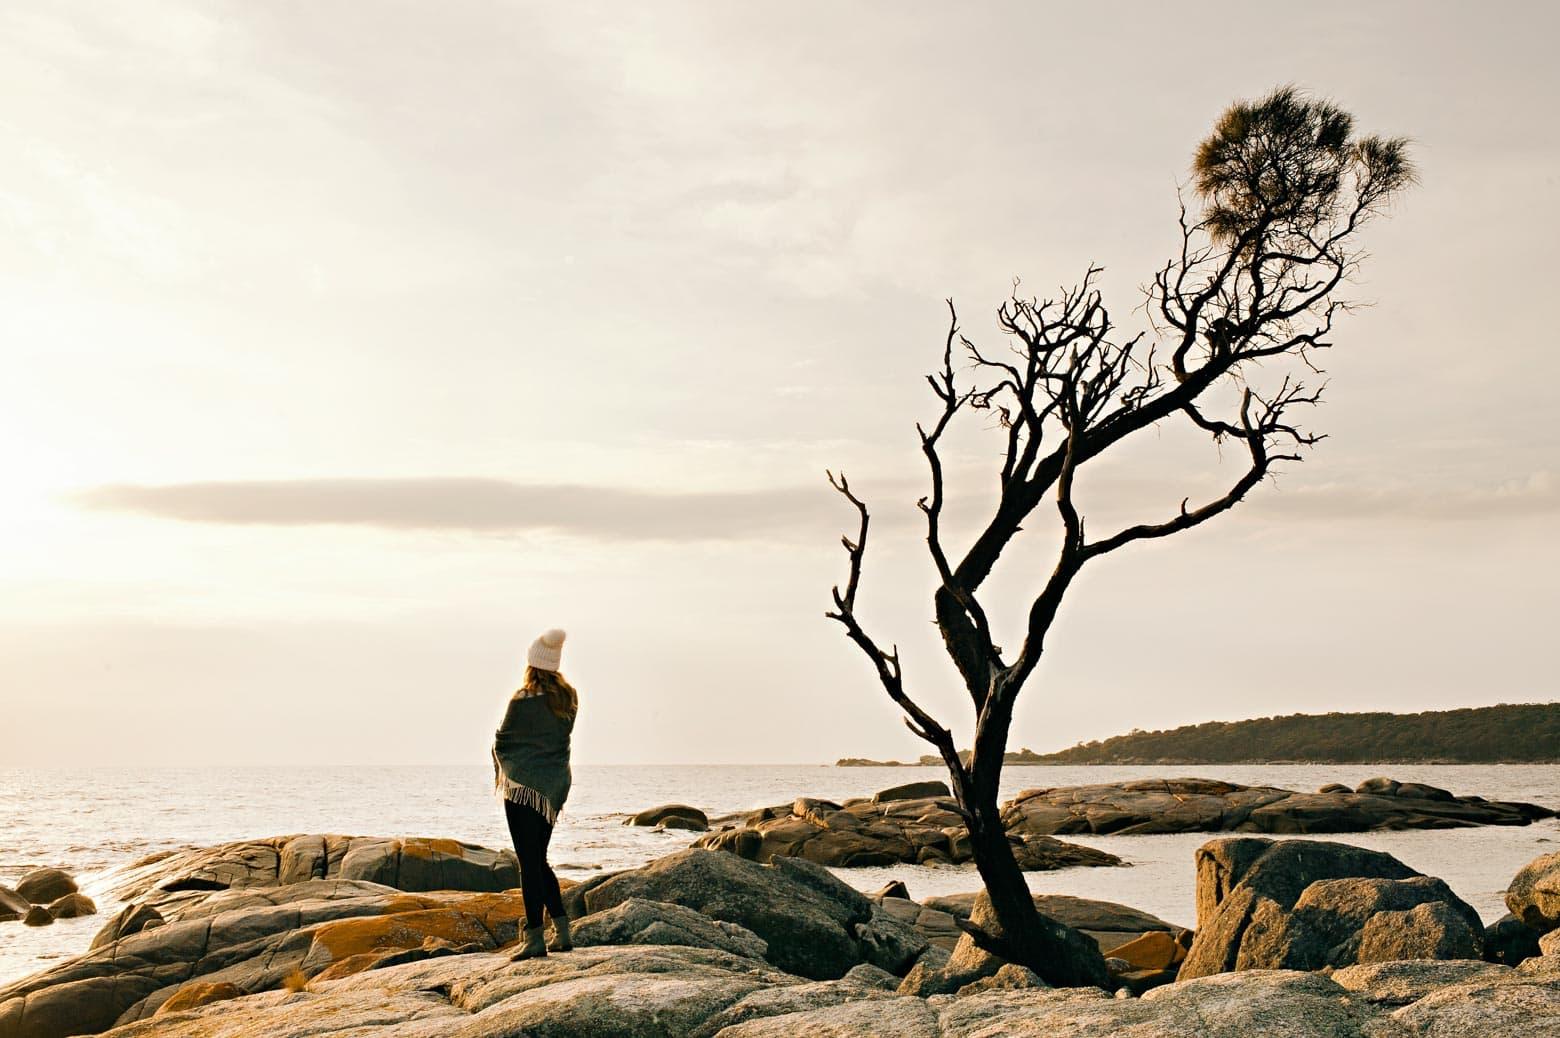 Lone tree and girl at Binalong Bay (Bay of Fires) - Tasmania itinerary (7 days)